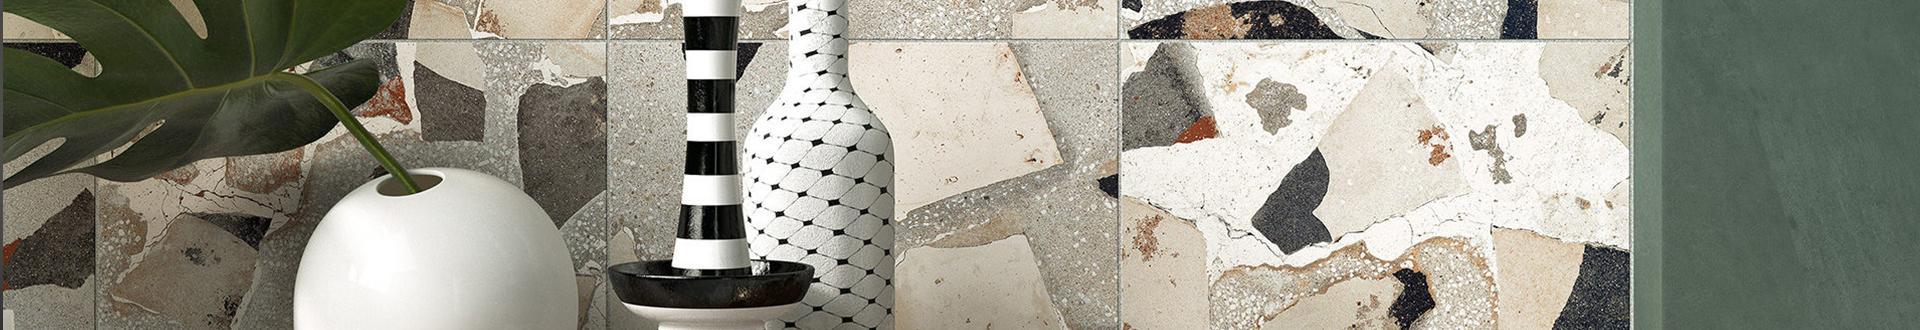 Mozaika i wazony